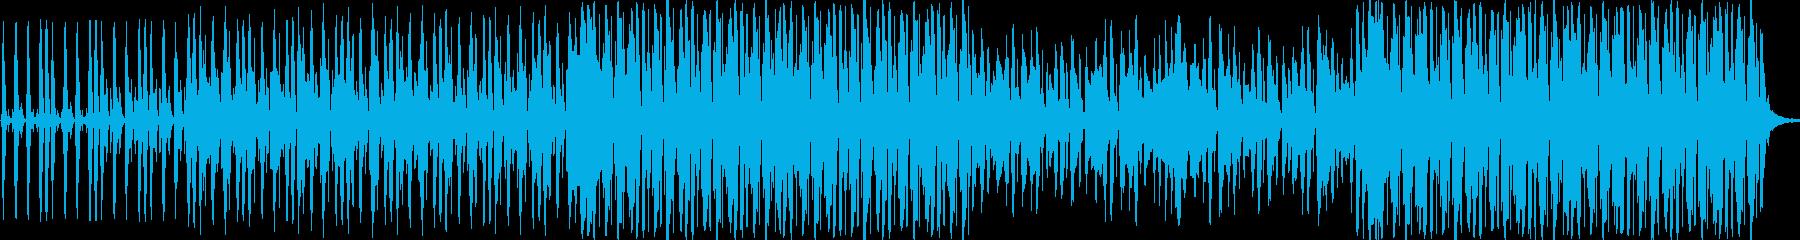 怪しげで賑やかな感じのジャズ風BGMの再生済みの波形